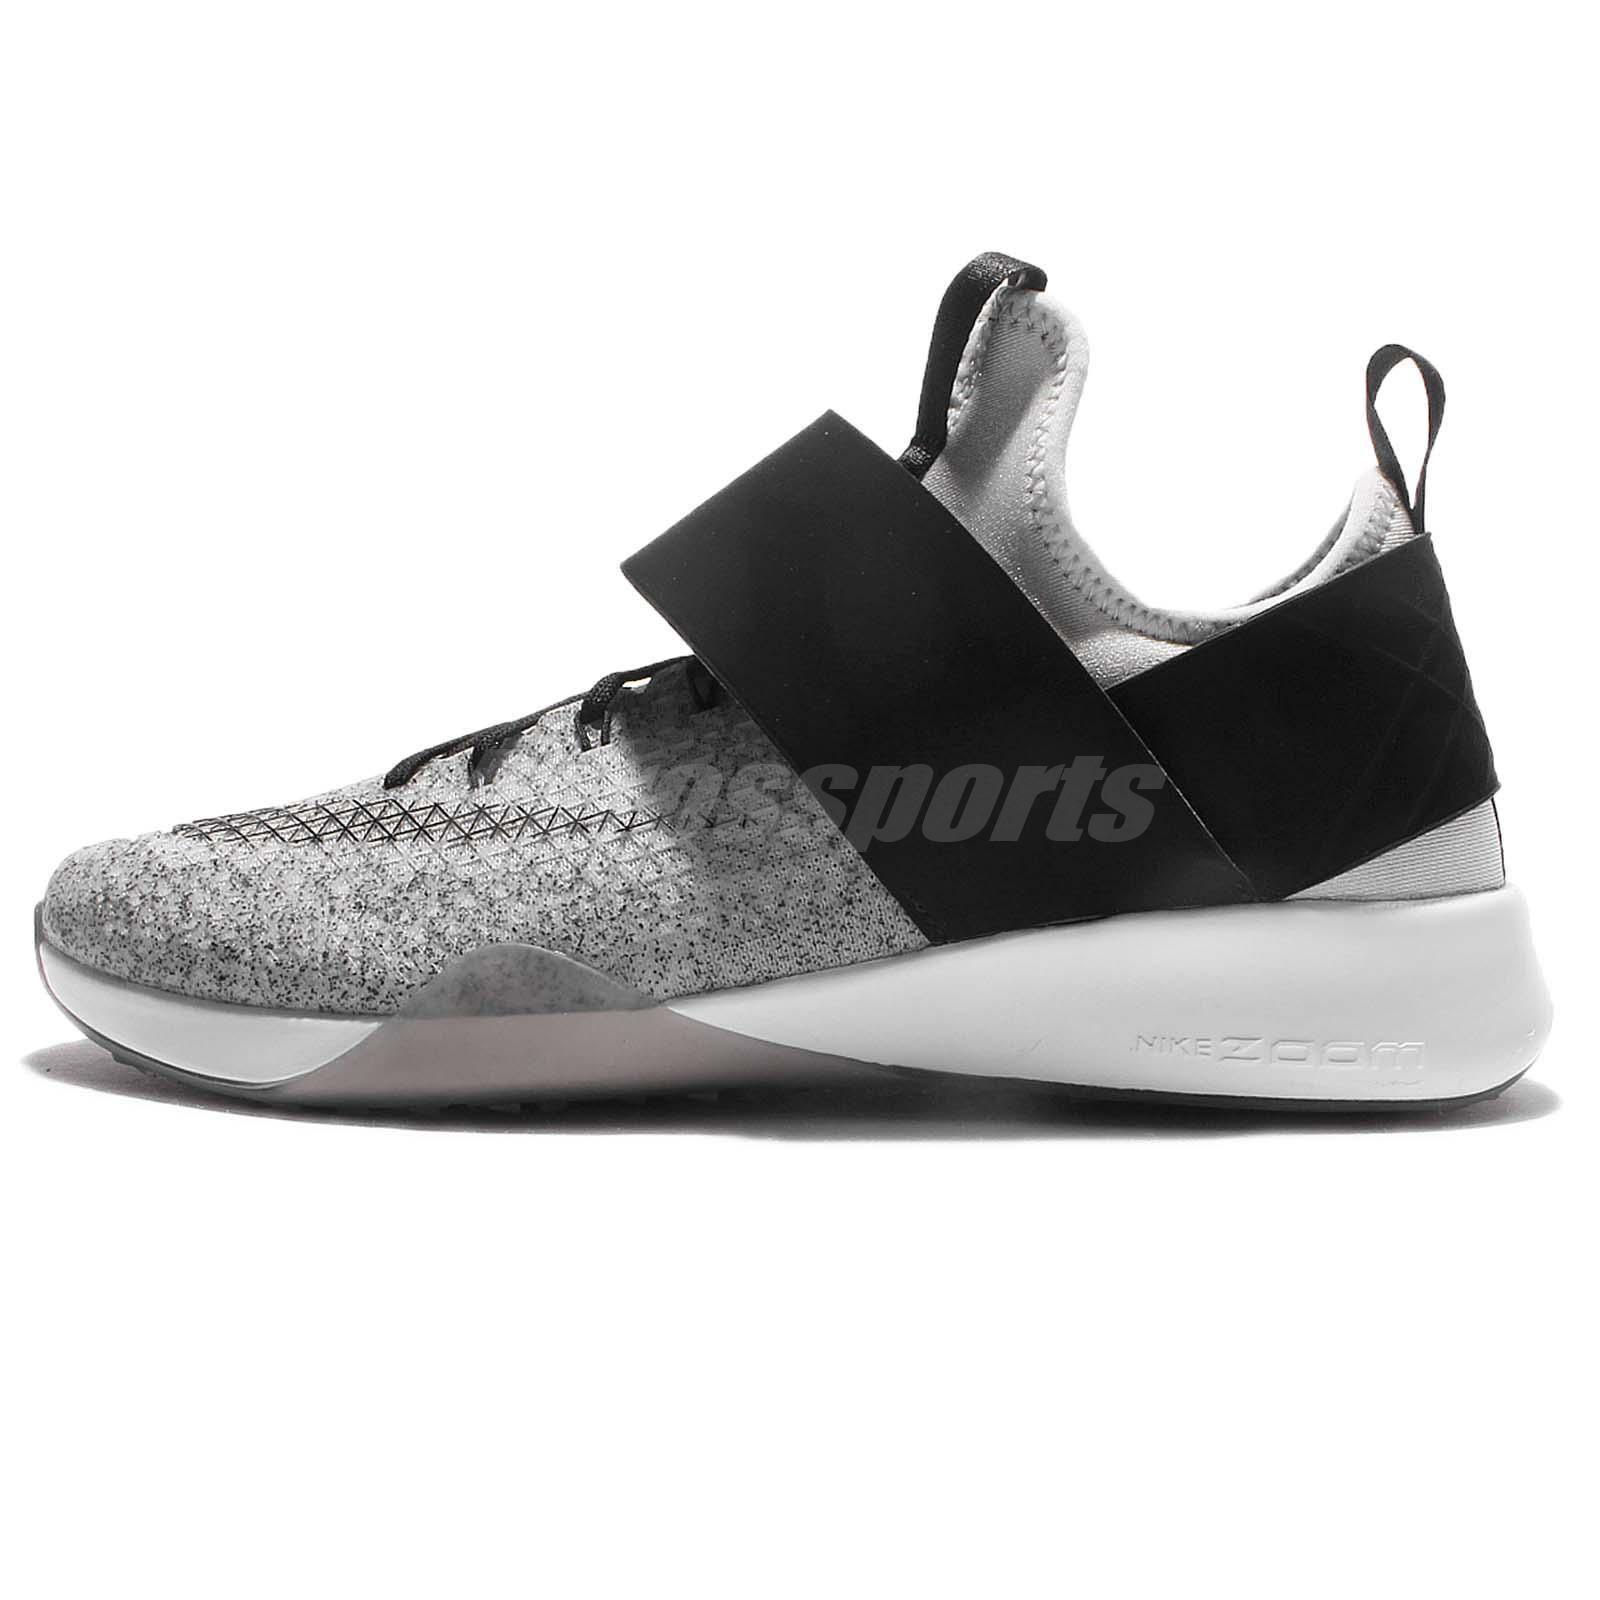 Wmns Juvenate Se, Chaussures de Gymnastique femme, Noir (Black-white), 38.5 EUNike